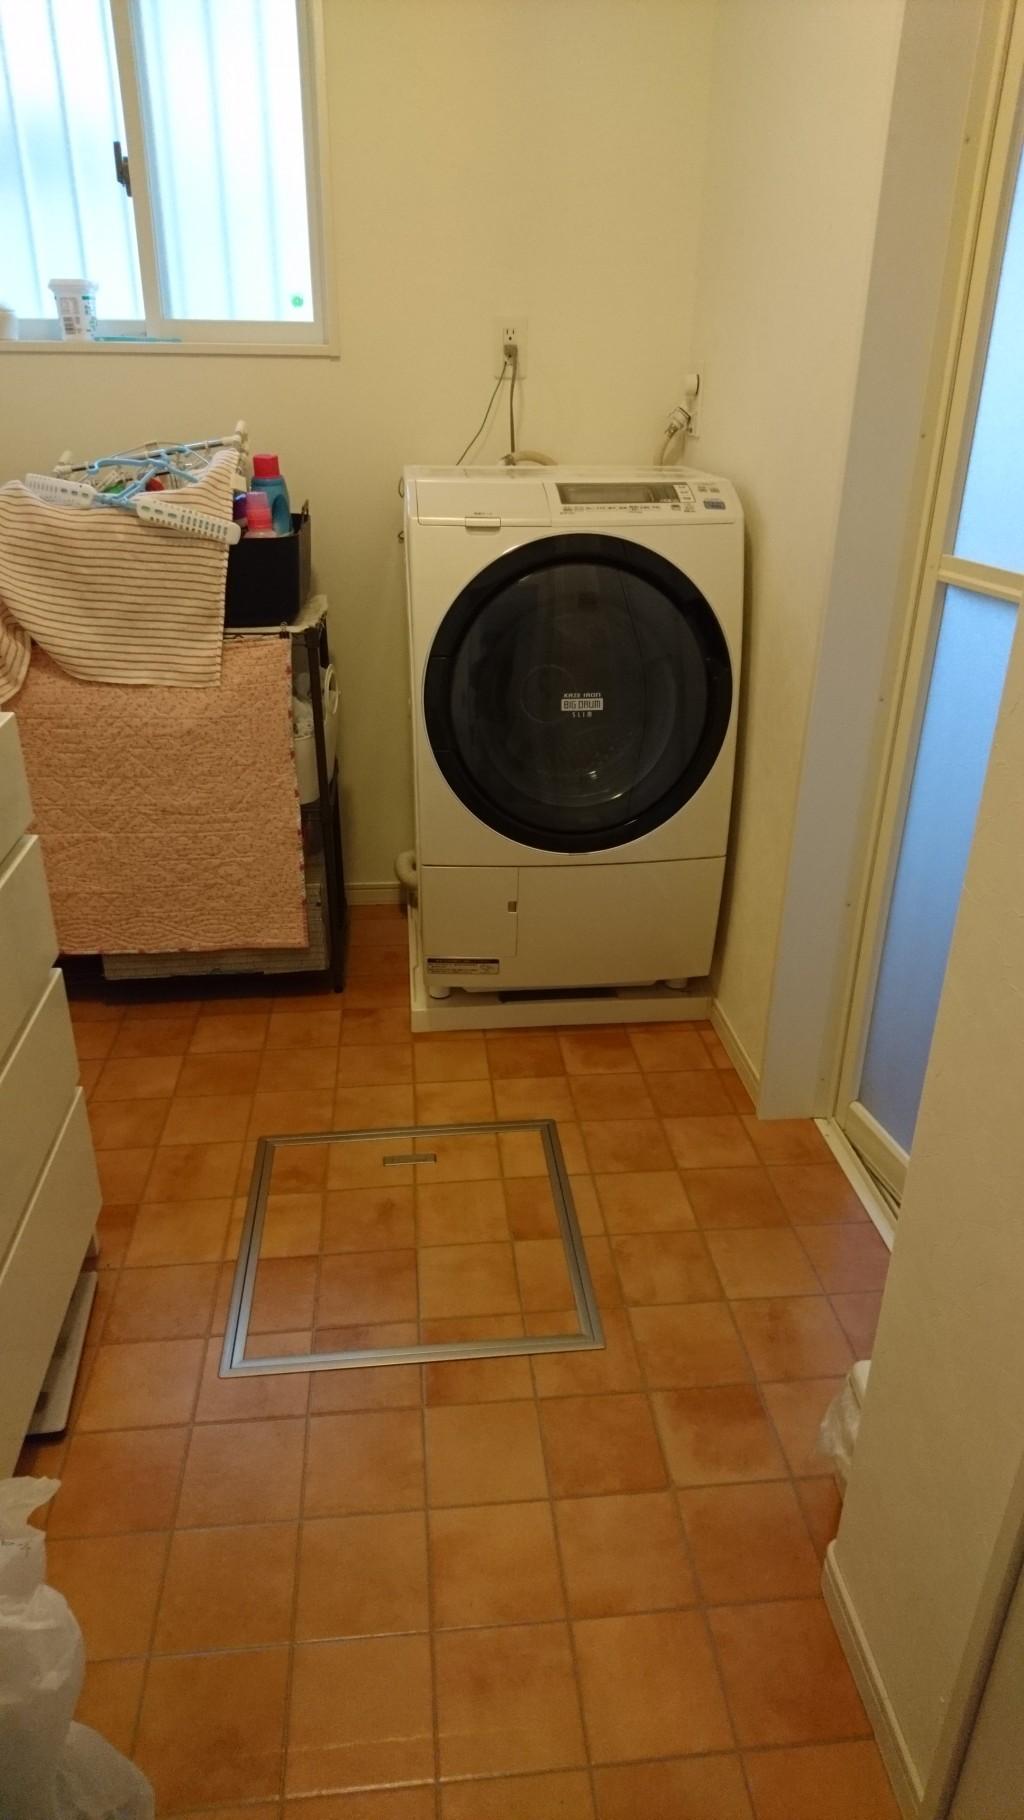 【松茂町】洗濯機の排水溝の詰まり修理のご依頼☆とても感じが良かったですとお喜びいただけました!